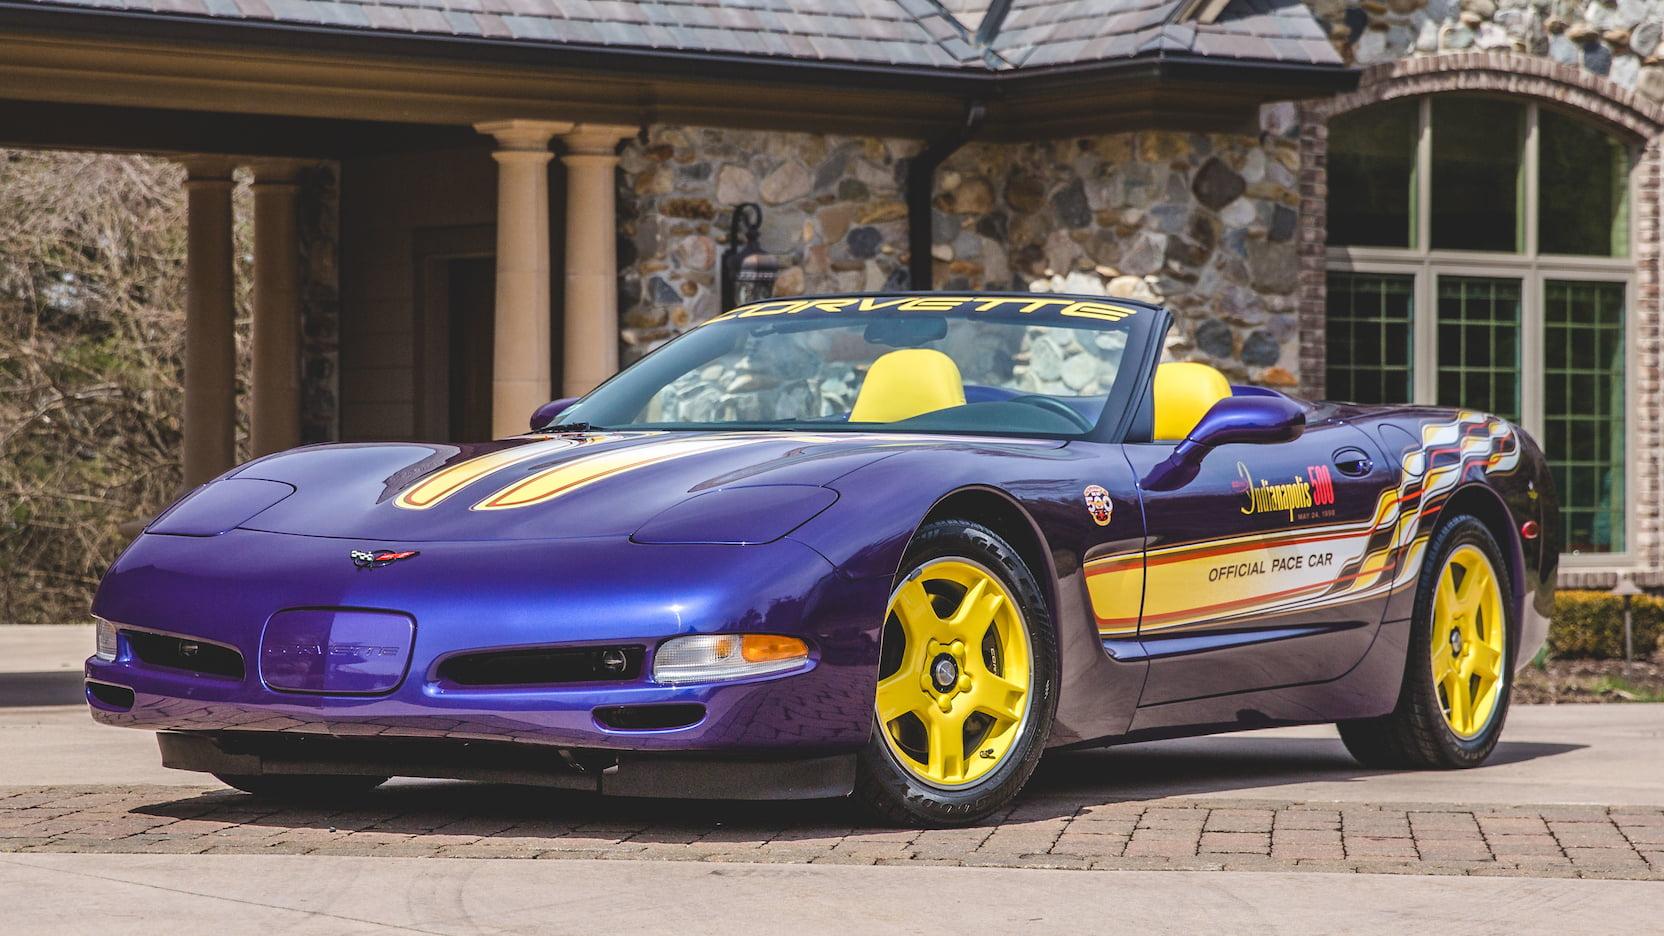 1998 Chevrolet Corvette Pace Car Edition Front 3/4